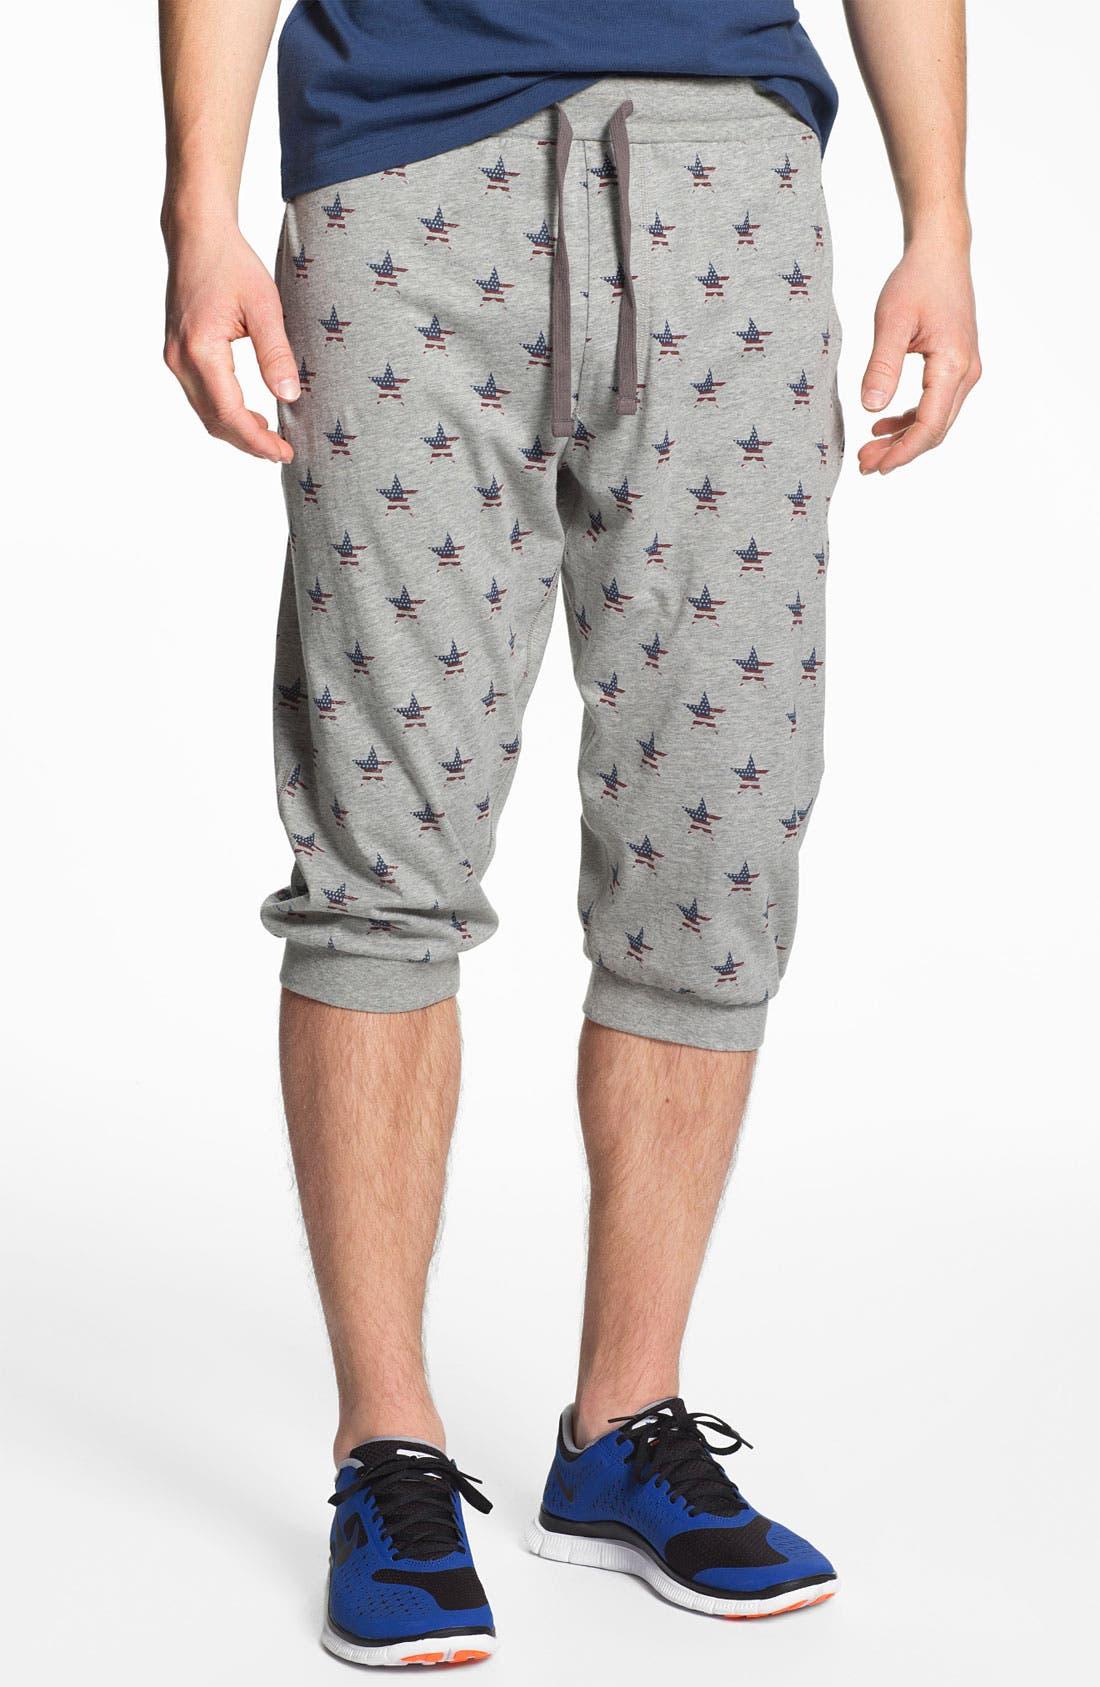 Alternate Image 1 Selected - Topman 'Americana Star' Crop Sweatpants